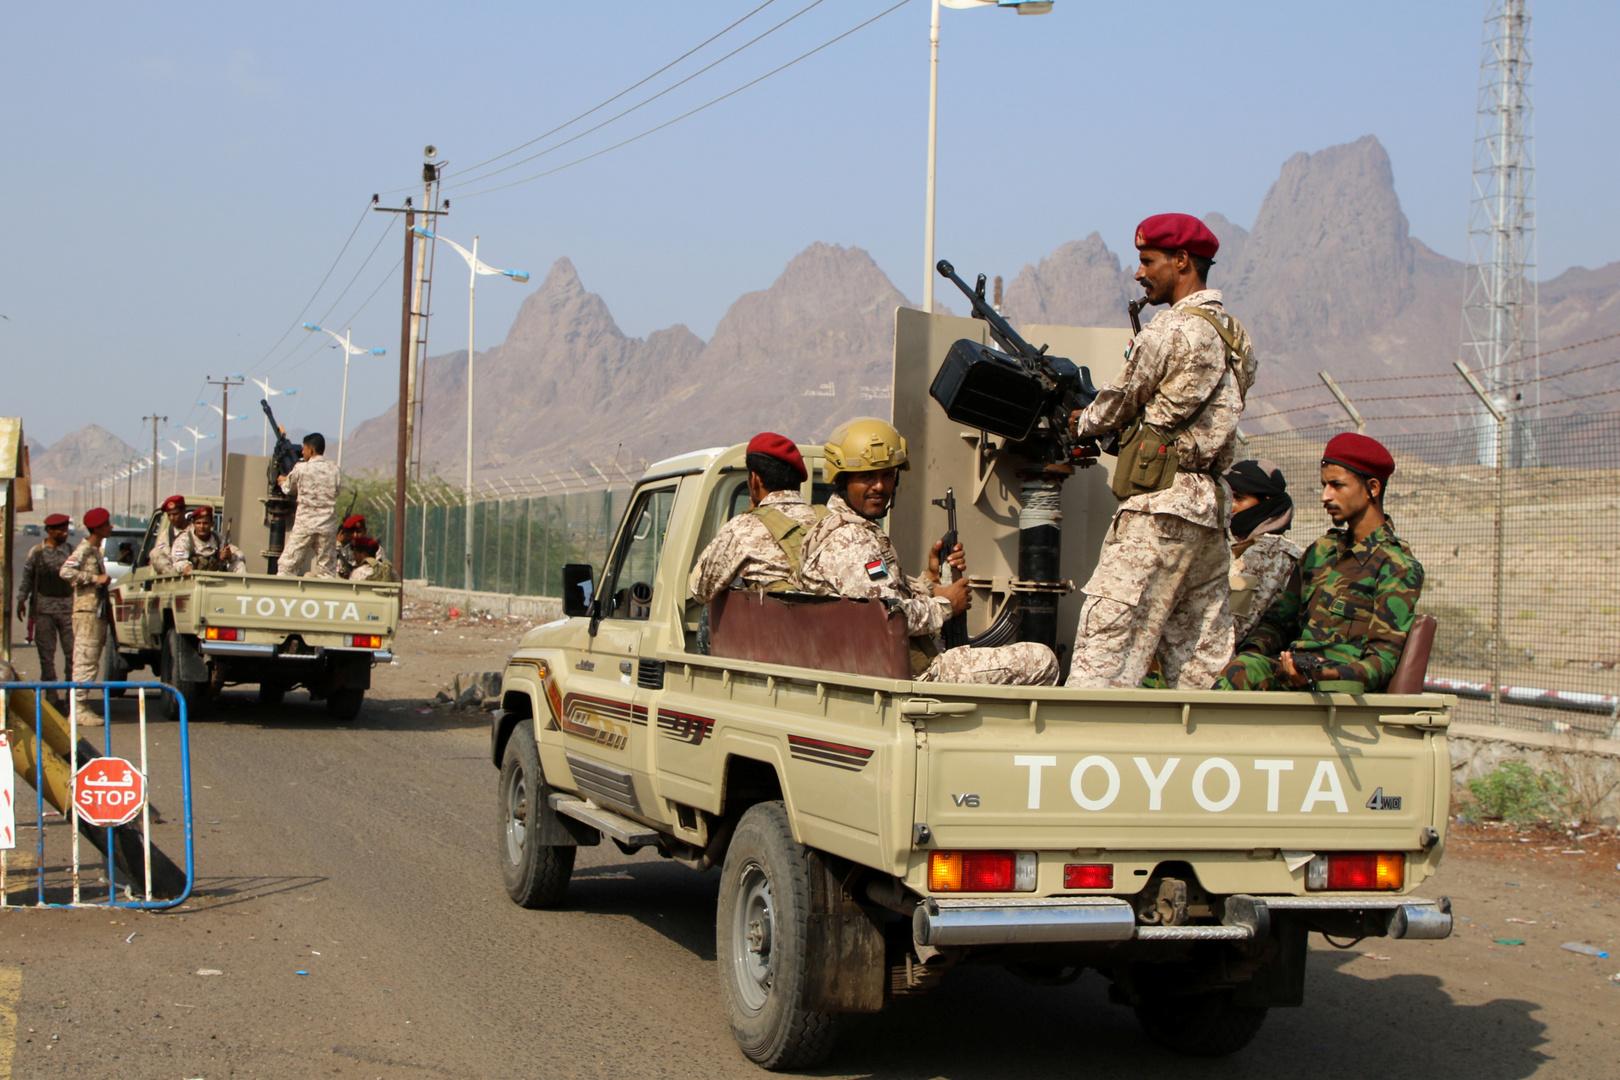 قوات المجلس الانتقالي في عدن تعلن السيطرة على آخر موقع للقوات الحكومية بجزيرة سقطرى